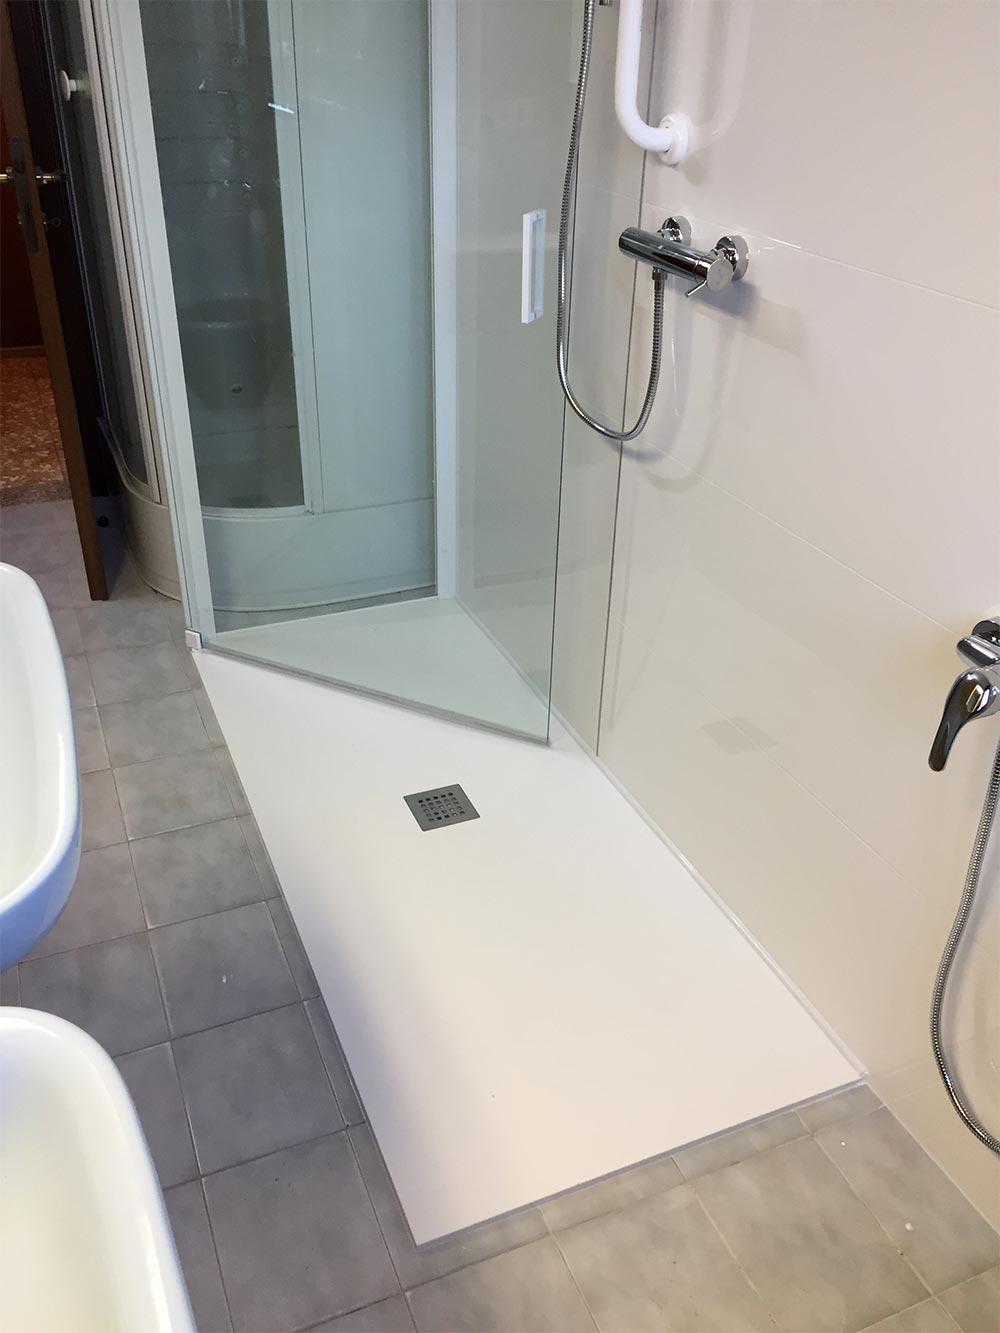 Trasformazione Vasca In Doccia Per Disabili.Veneta Vasche Forniture Ed Installazione Vasche Da Bagno